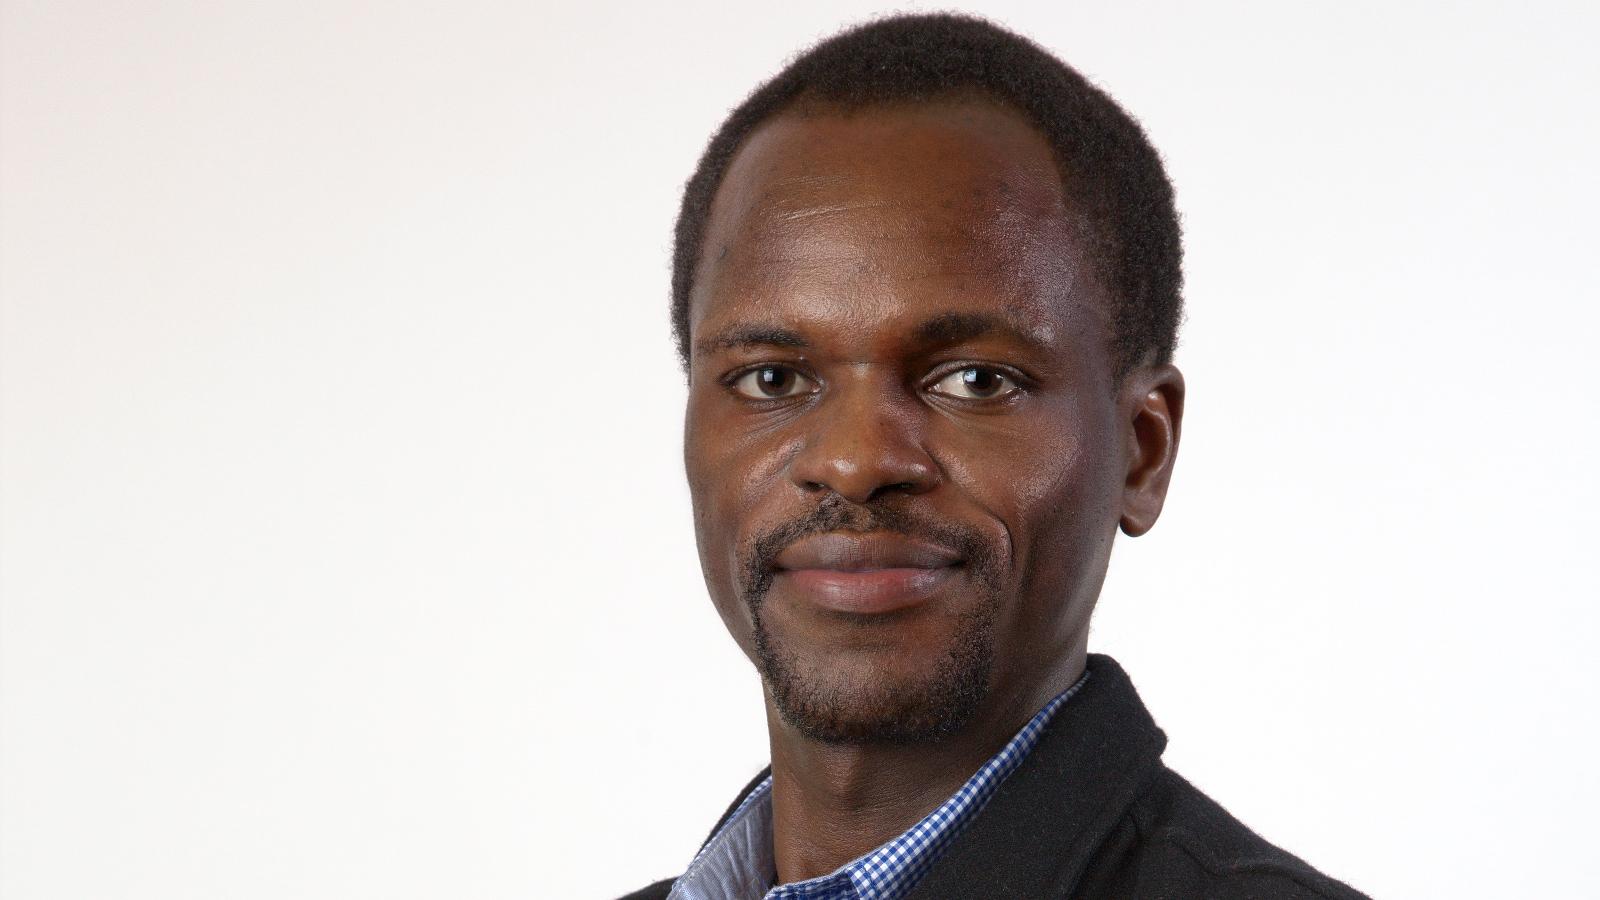 Featured image: Selina Wamucii CEO John Oroko (Supplied)